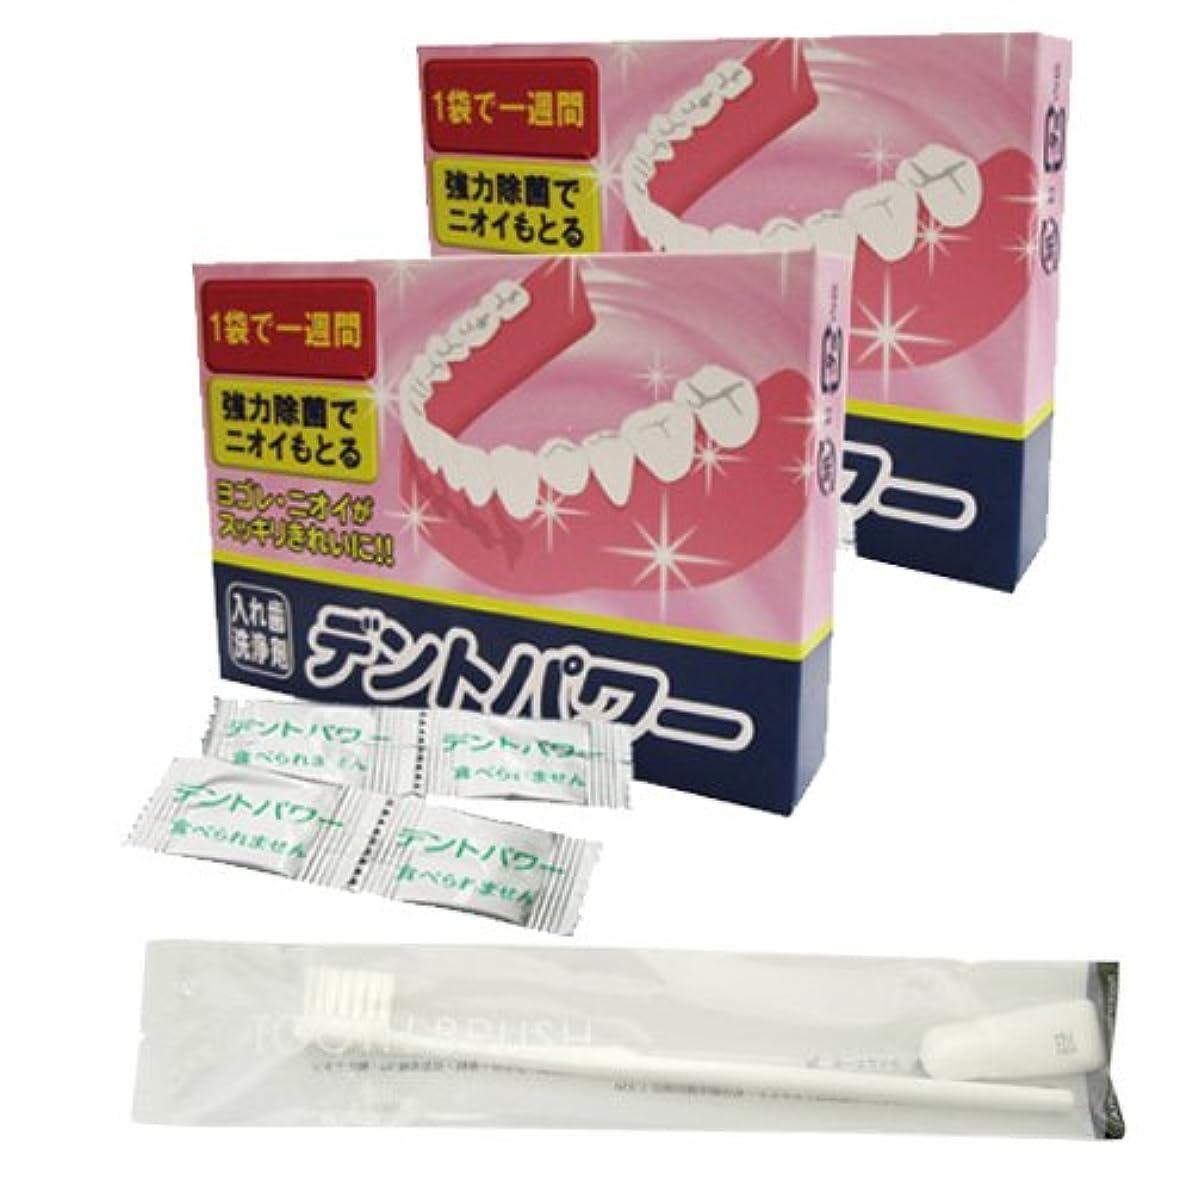 イノセンスモンゴメリー空いているデントパワー 入れ歯洗浄剤 10ヵ月用(専用ケース無し) + デントパワー5ヵ月用 + 粉付き歯ブラシ セット